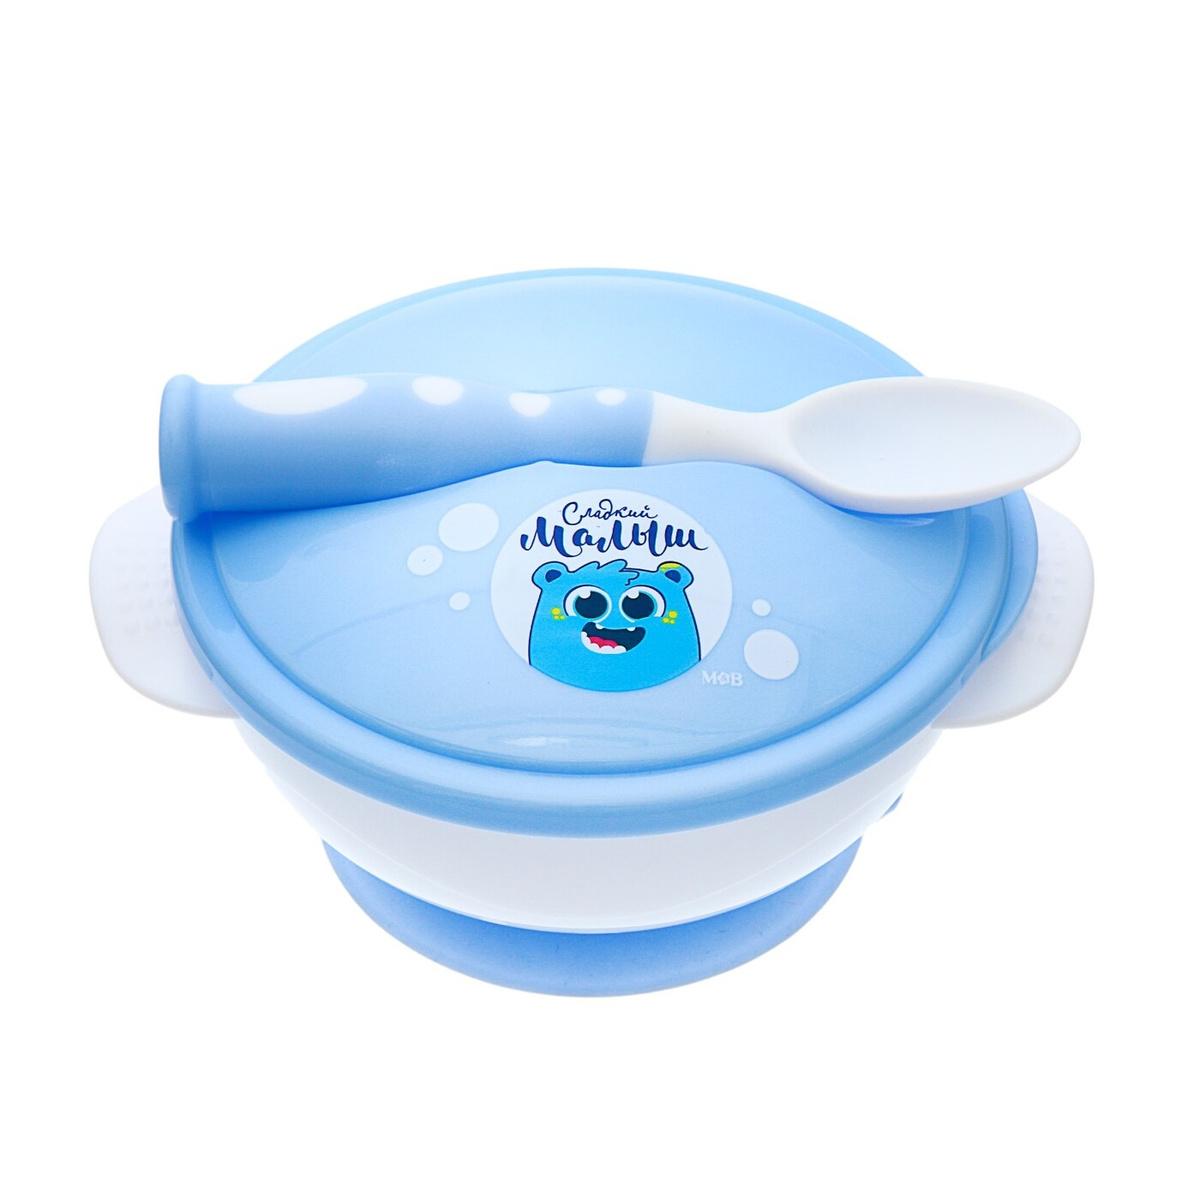 """Набор детской посуды """"Сладкий малыш"""", 3 предмета, цвет голубой  #1"""